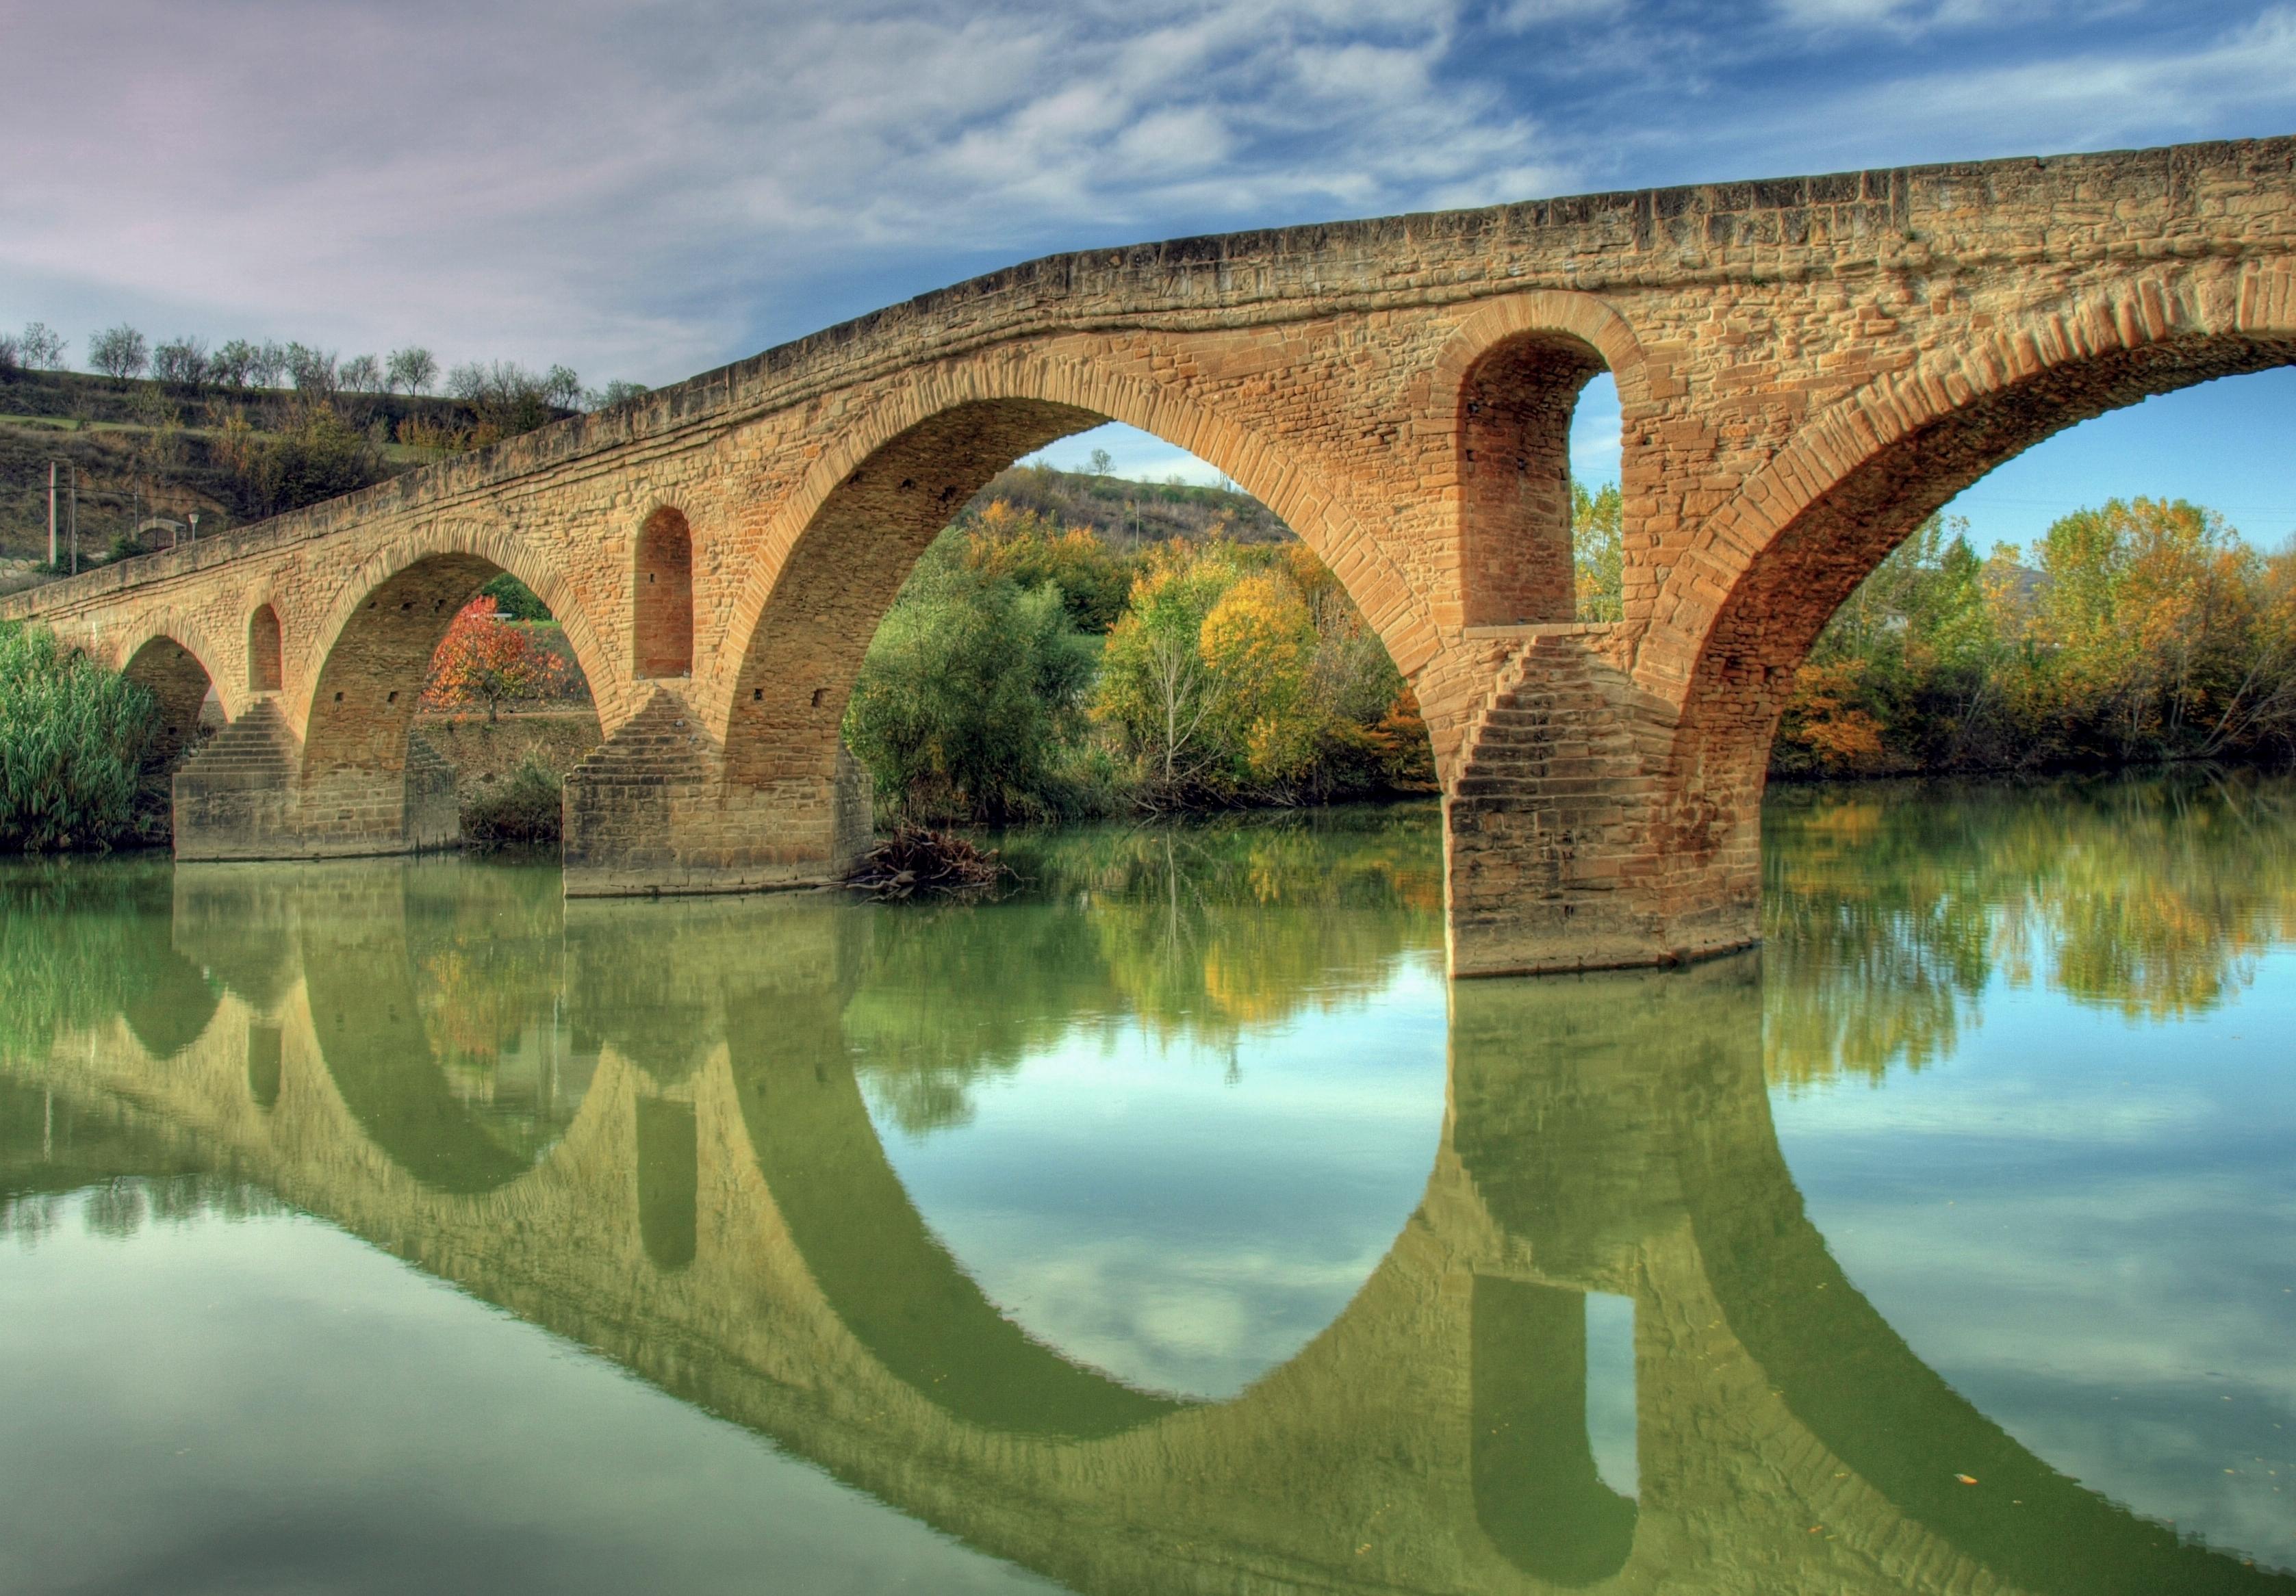 Archivo:Puente la Reina.jpg - Wikipedia, la enciclopedia libre